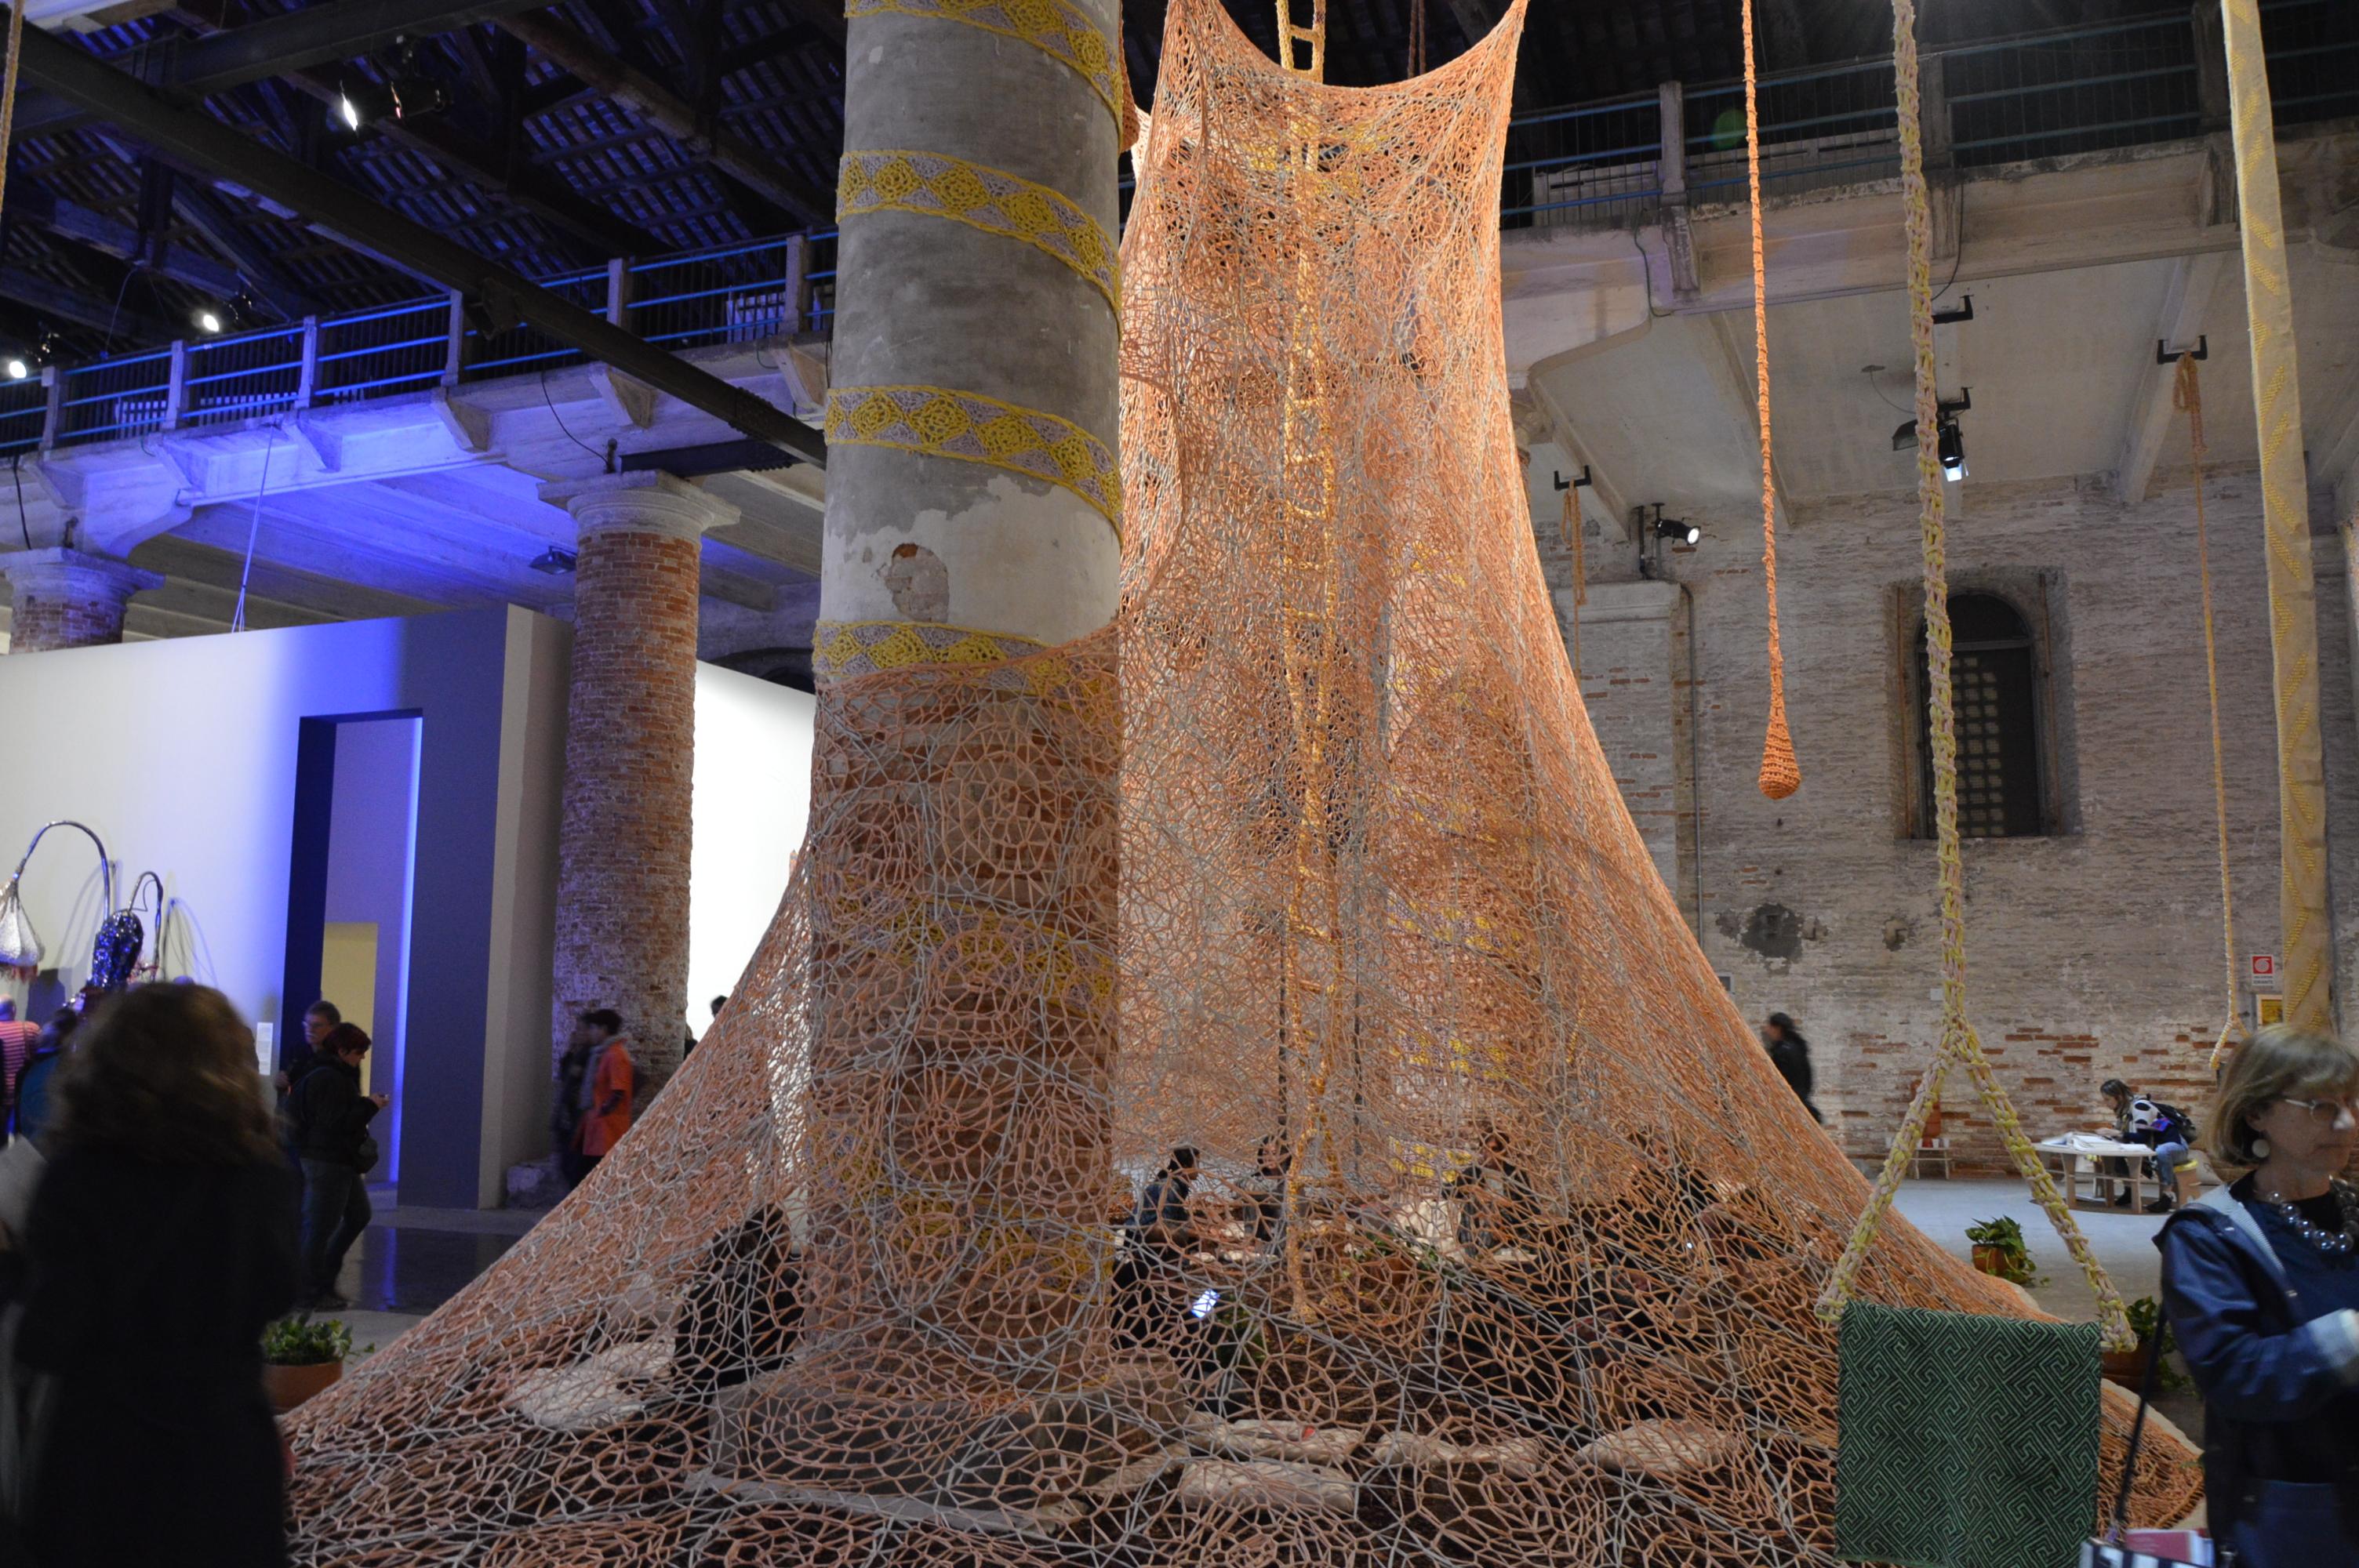 57esima biennale d 39 arte di venezia le installazioni da